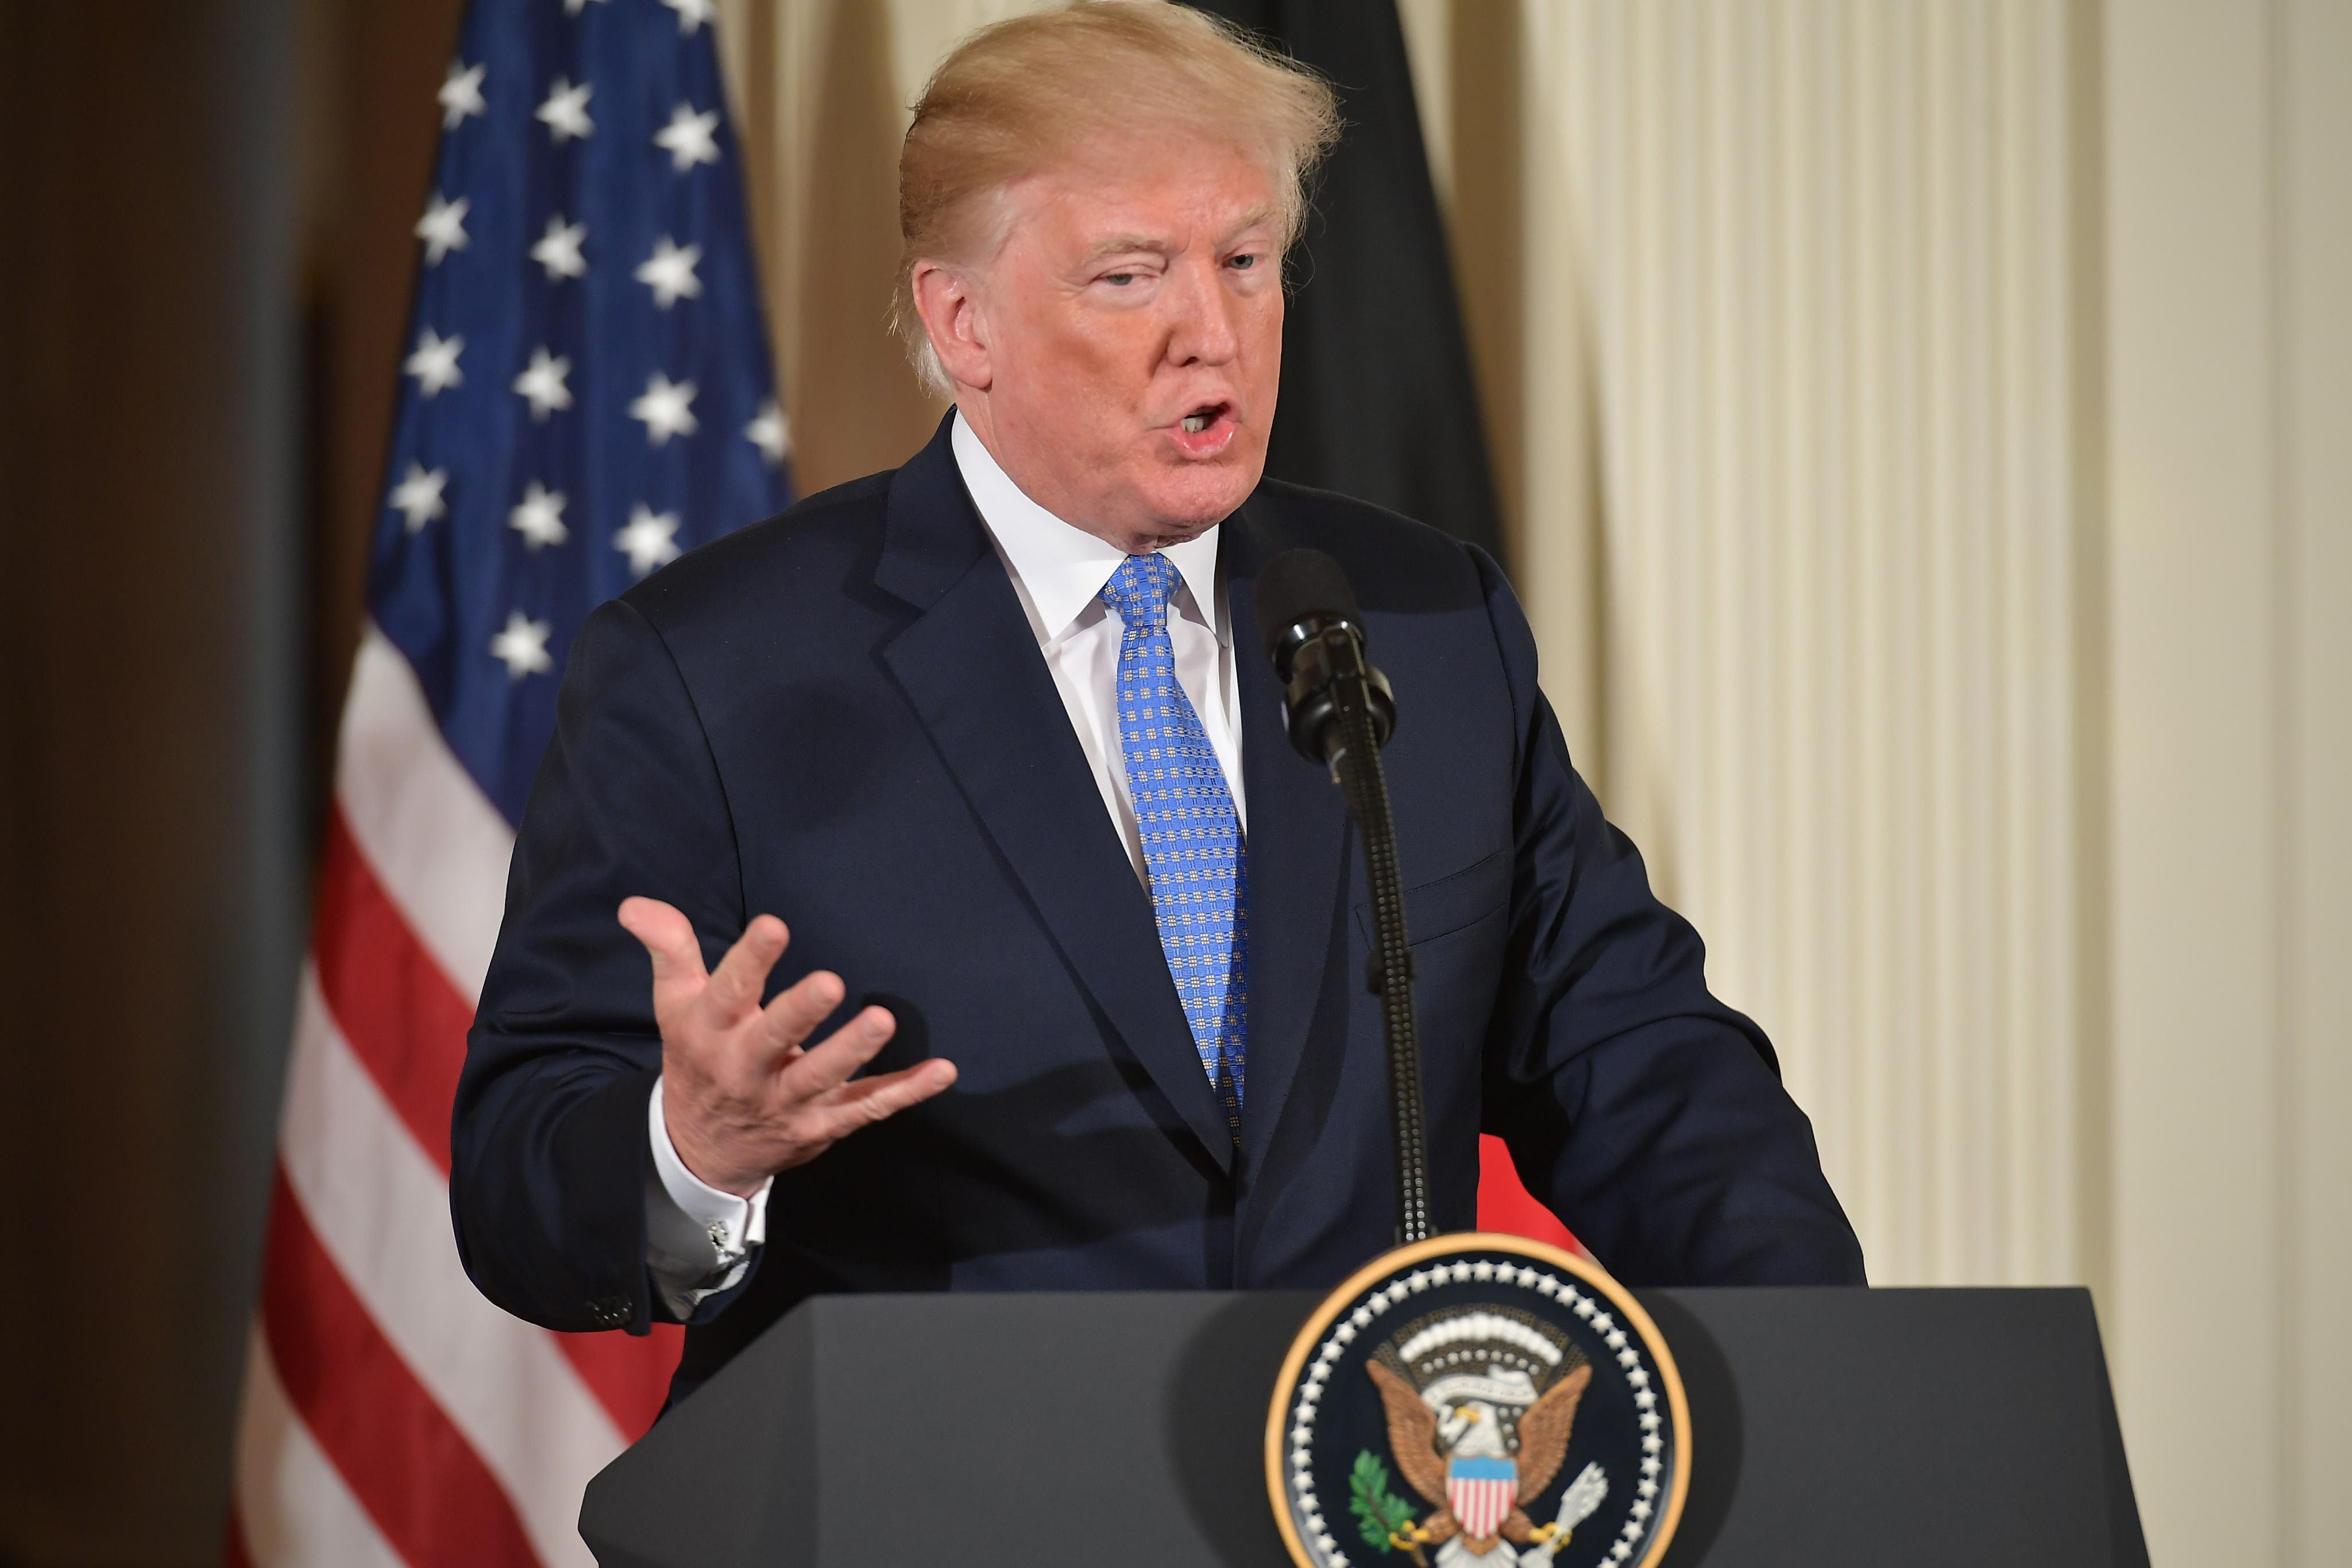 ترامب:سنفرض عقوبات على إيران لم يسبق أن فرضناها على أي دولة